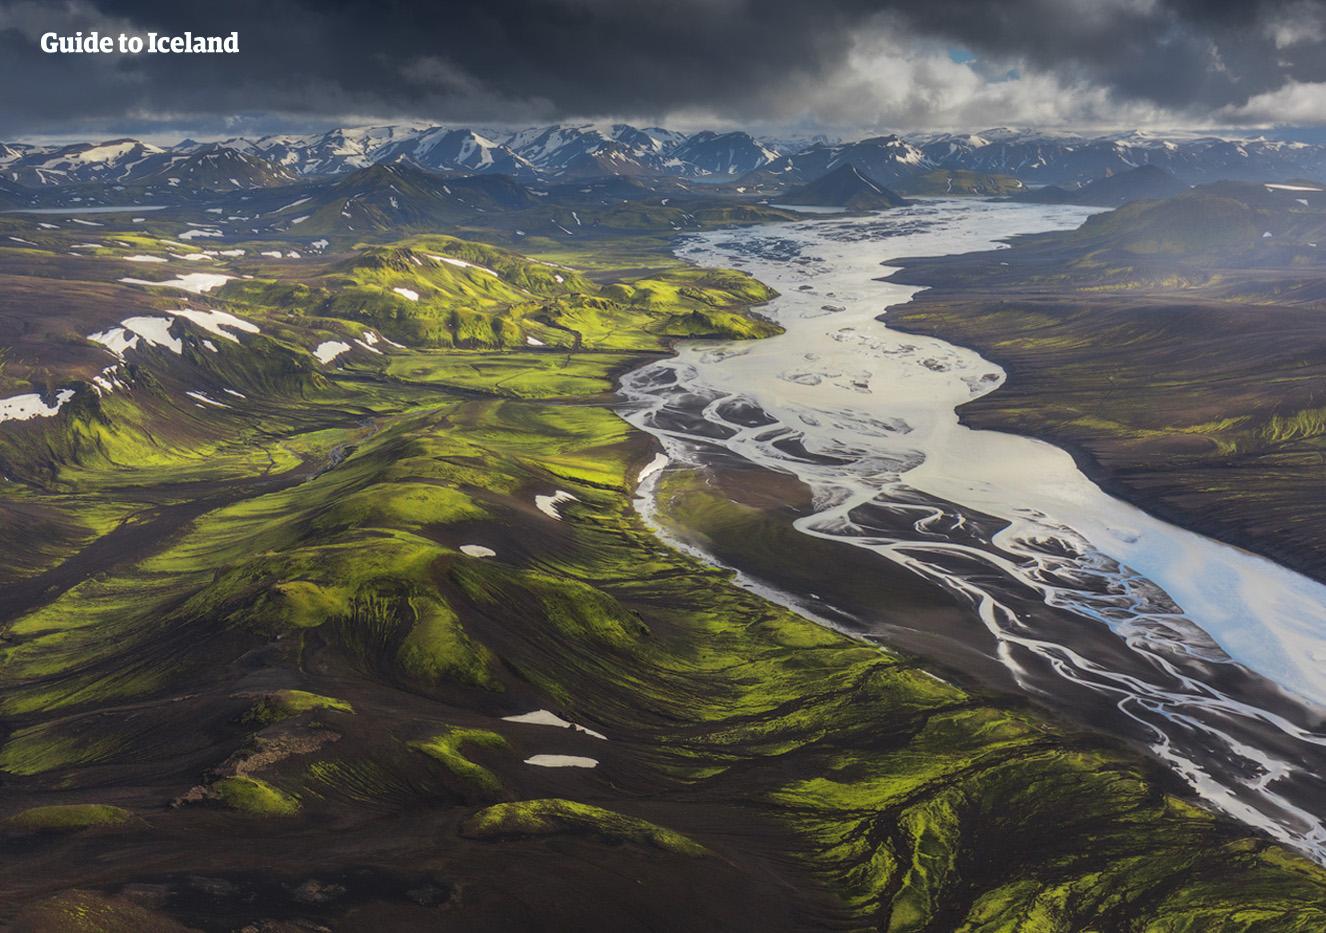 直升机视角俯瞰冰岛中央内陆高地的彩色火山与冰川河